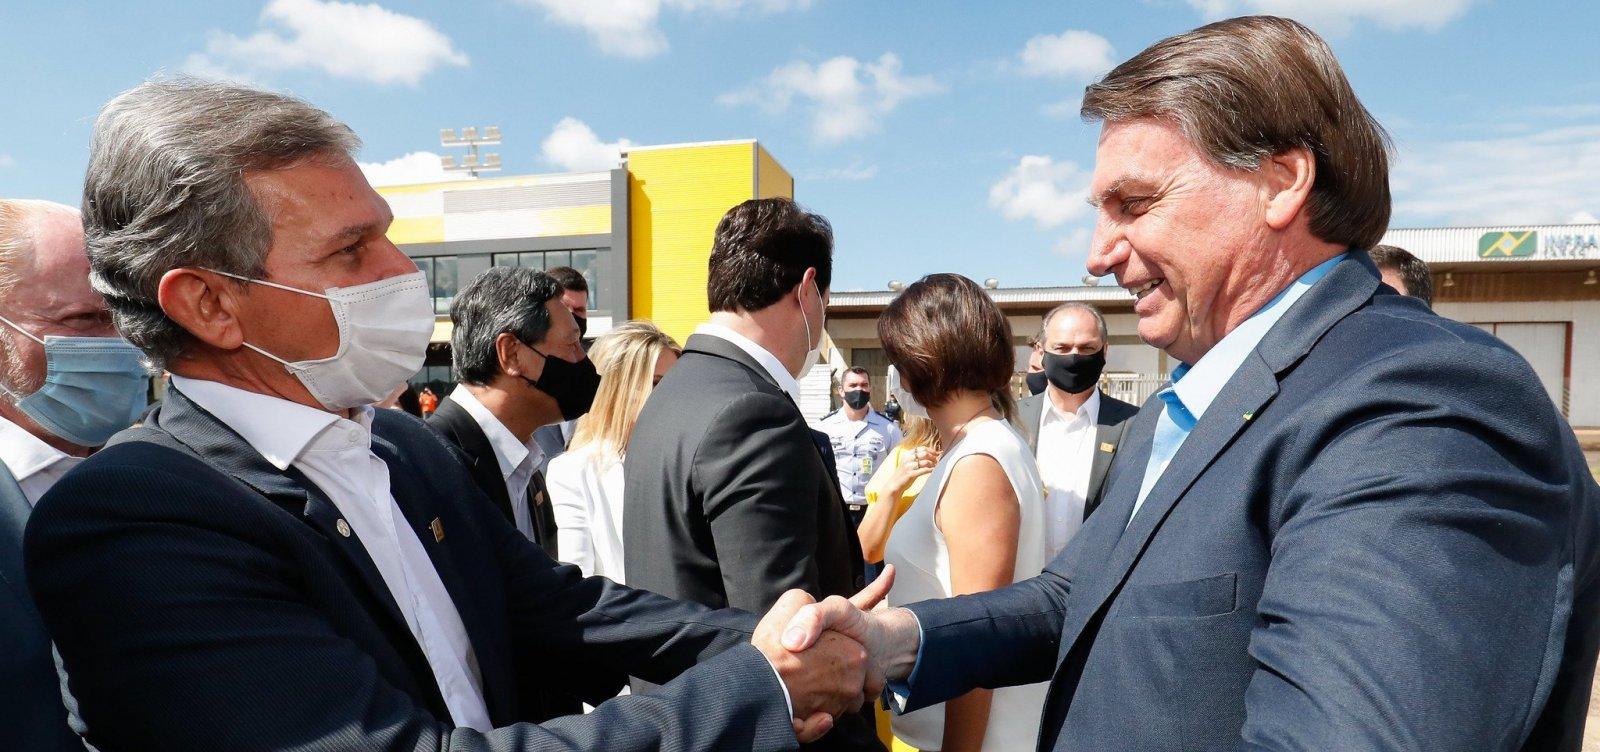 Silva e Luna 'vai dar uma arrumada' na Petrobras, diz Bolsonaro